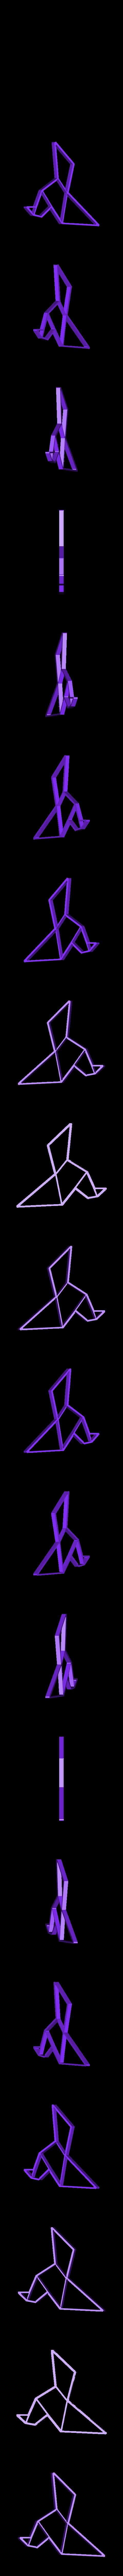 customized_origami_dove.stl Download free STL file Customizable Origami Dove / Pigeon • 3D printer model, MightyNozzle